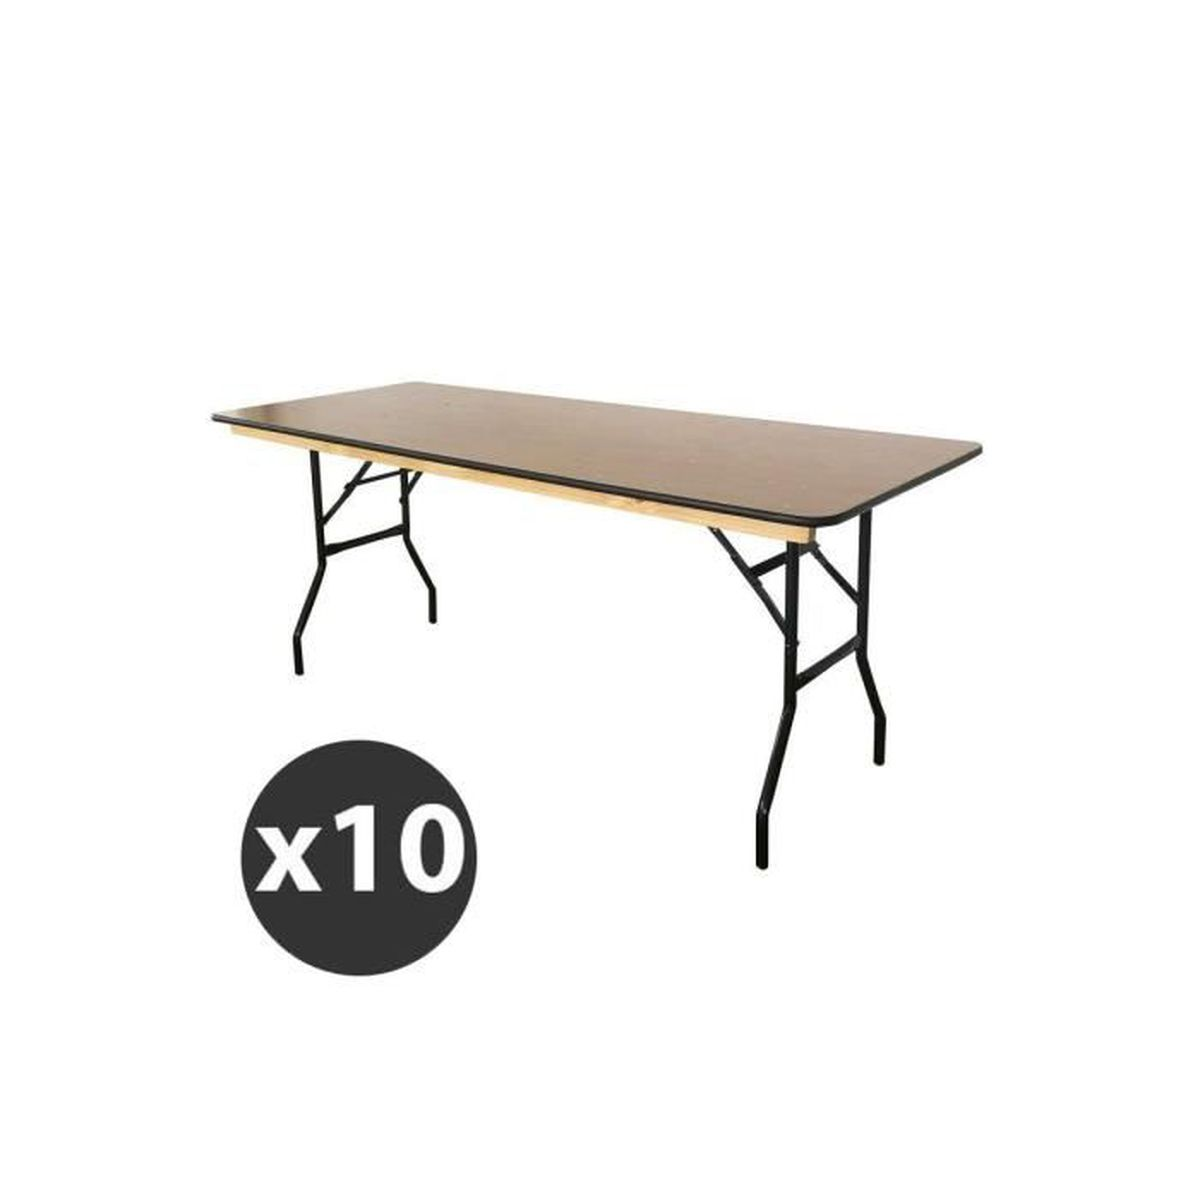 Table pliante en bois 180 cm - Lot de 10 tables - Achat   Vente ... 45e98ddcbbe0